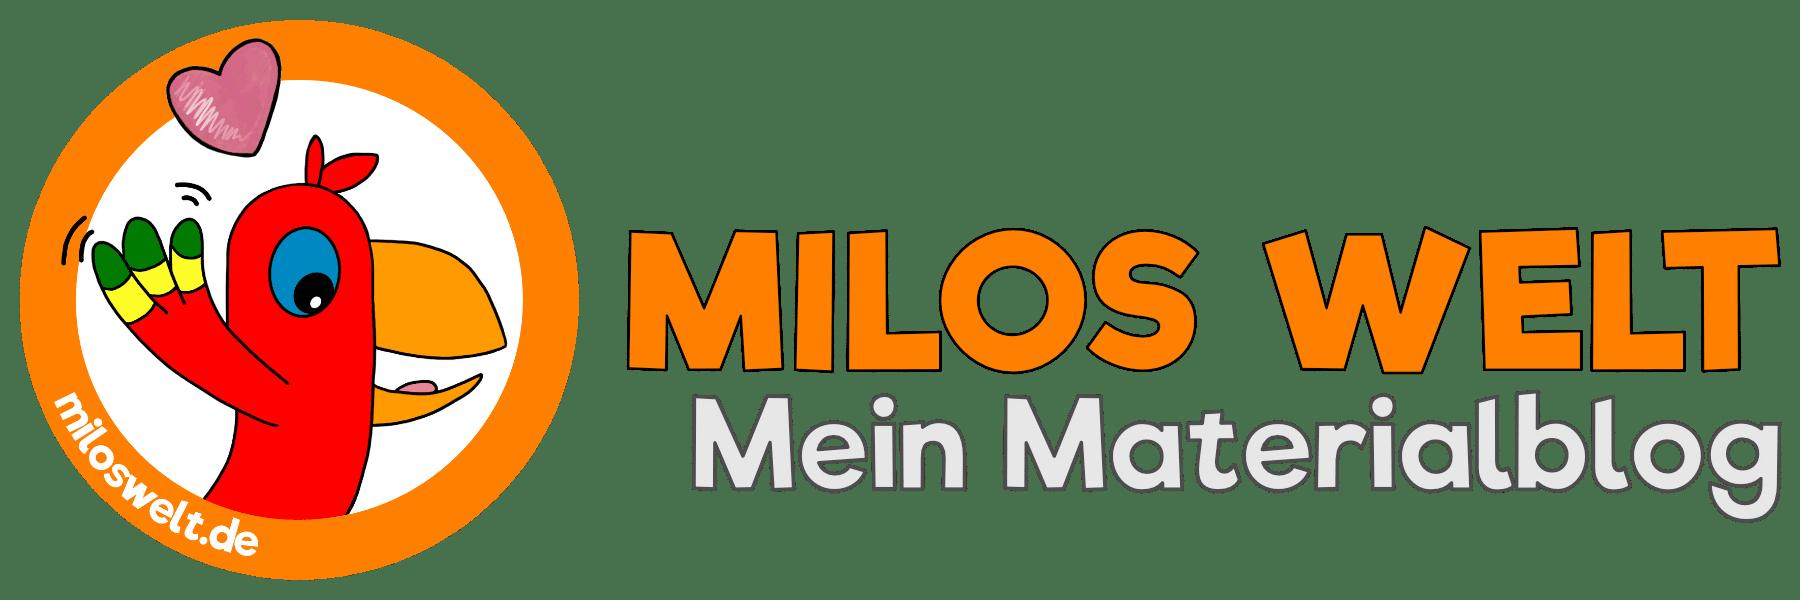 MILOS WELT